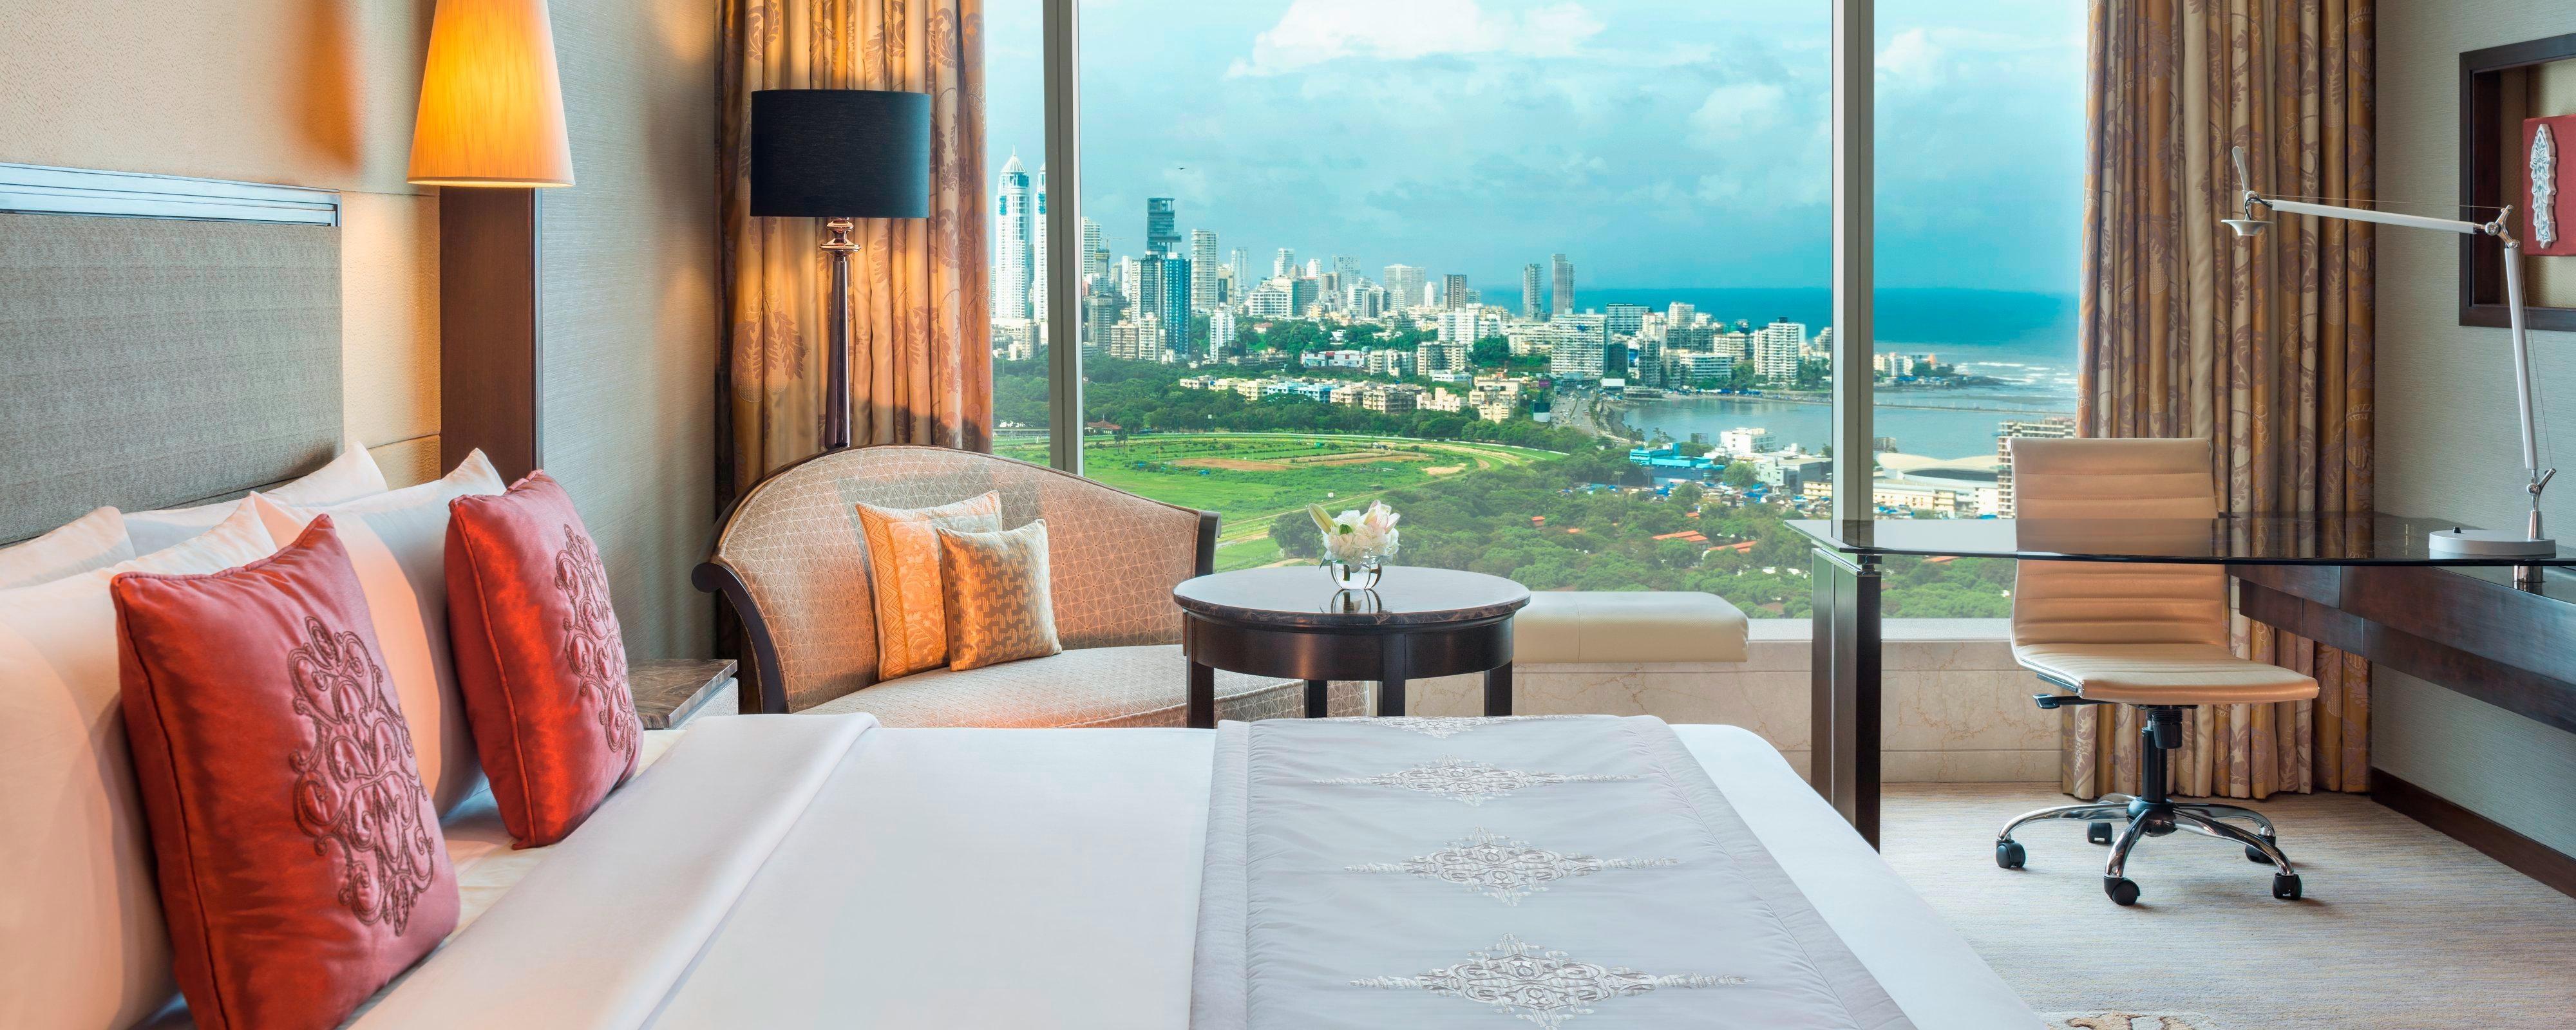 Chambre Grand Deluxe avec vue sur la ville